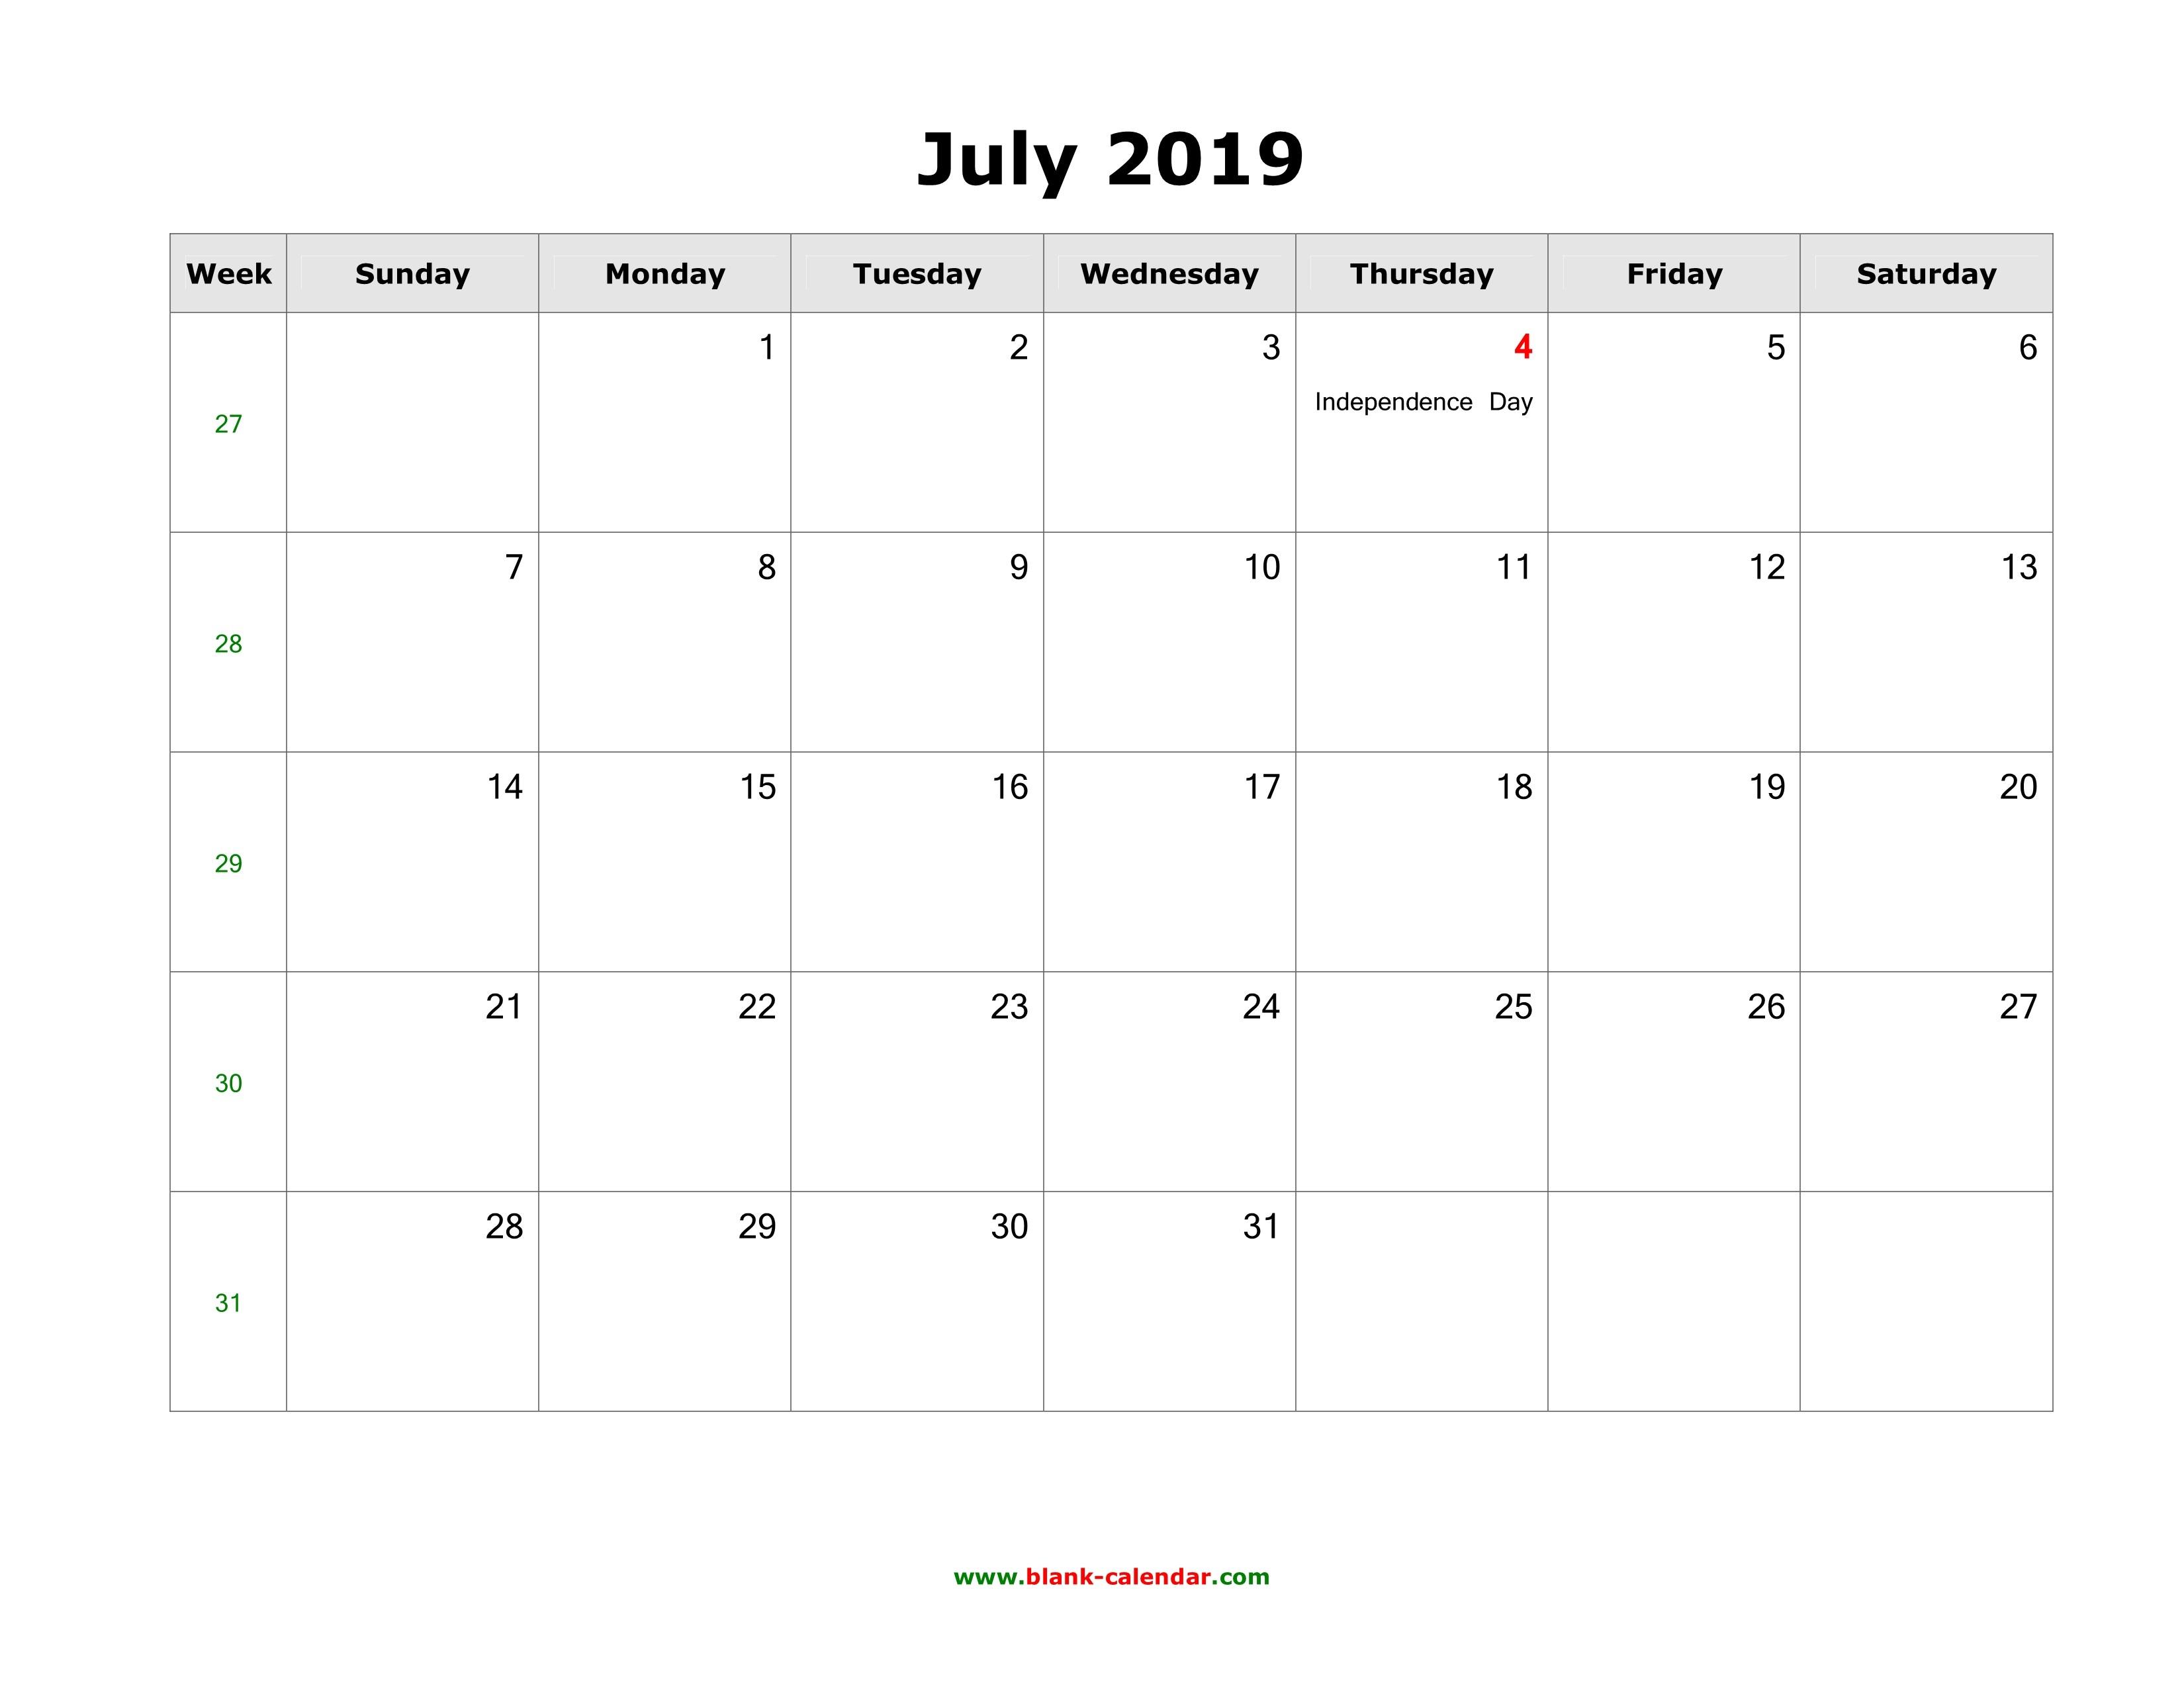 Free July 2019 Weekly Calendar Printable – Week Wise Schedule – June in Printable Weekly Calendar Template July